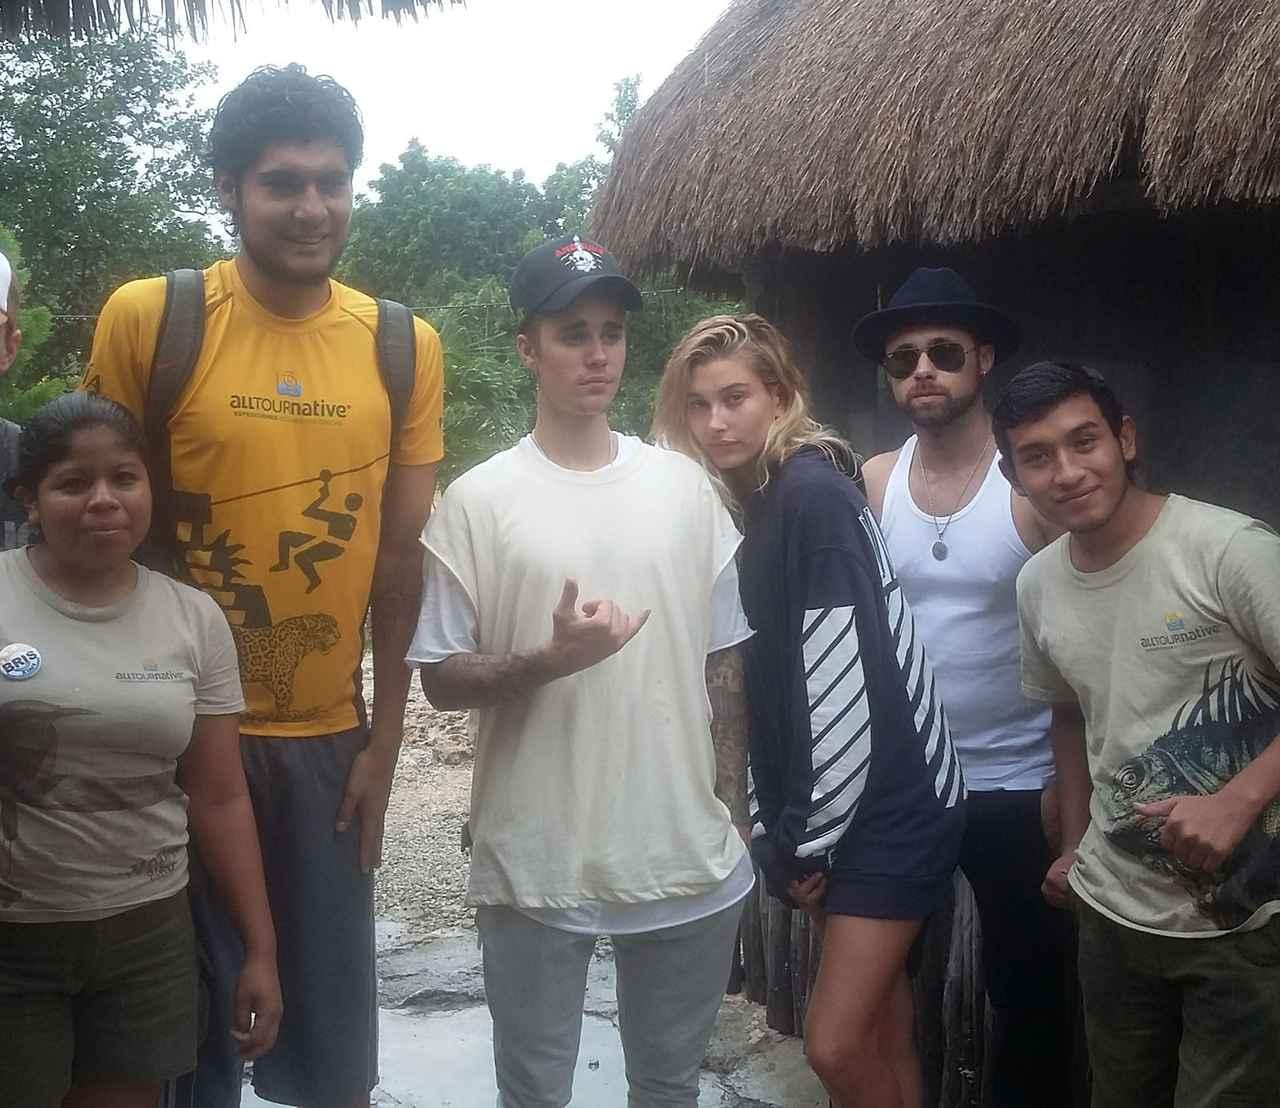 画像: ジャスティン・ビーバーとヘイリー・ボールドウィン、メキシコにも一緒に旅行へ。